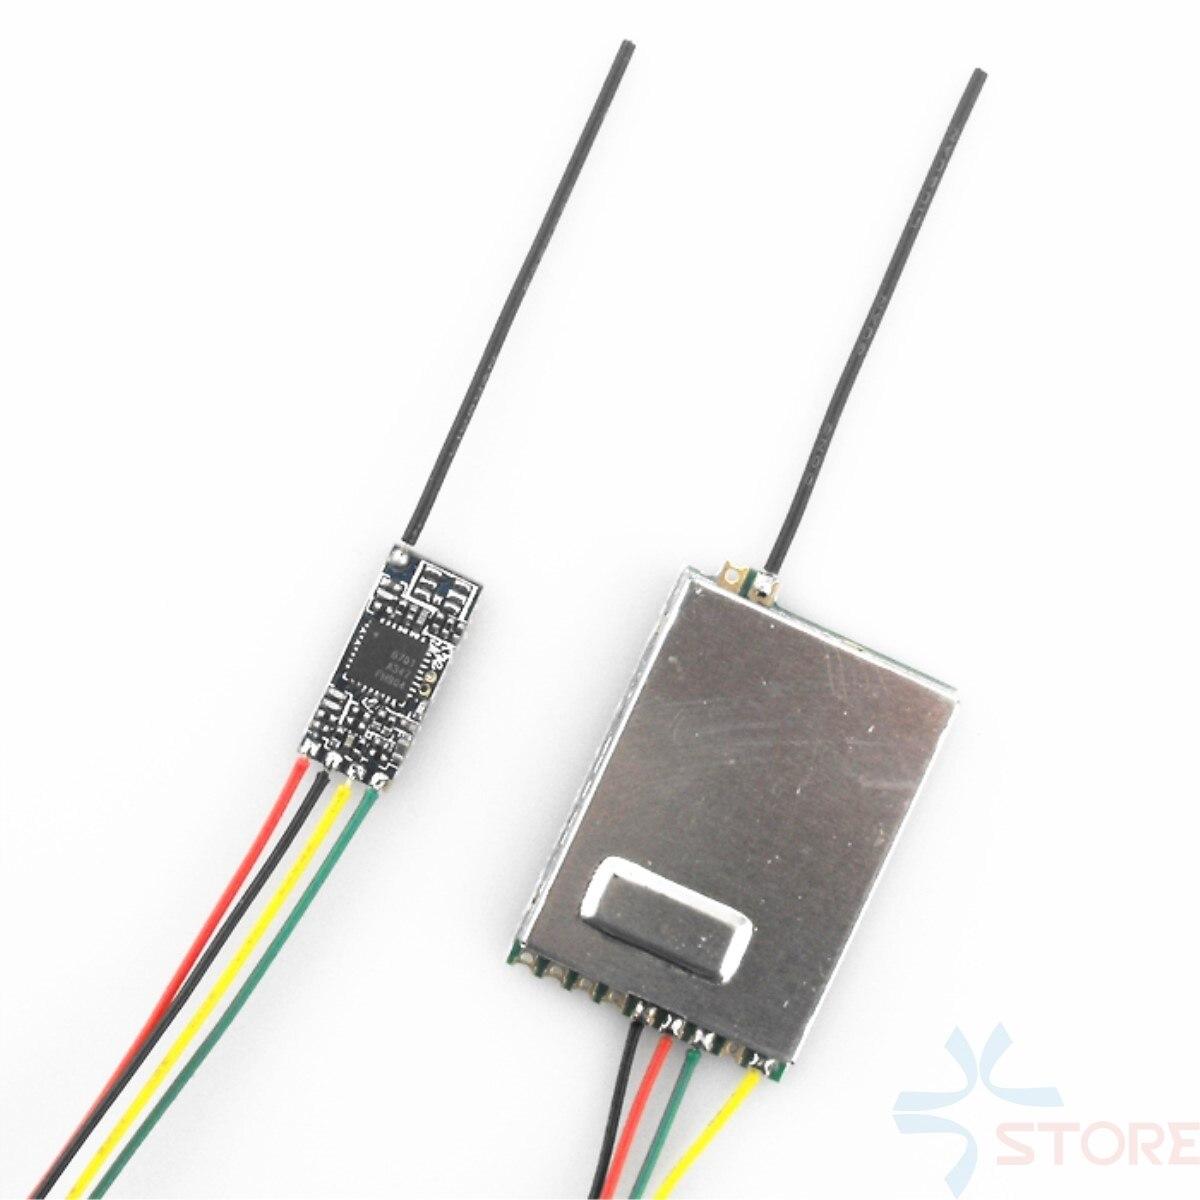 2.4 Ghz trasmettitore video modulo piccola telecamera di sorveglianza senza fili 2.4G 100 MW modulo ricetrasmettitore wireless micro audio video set